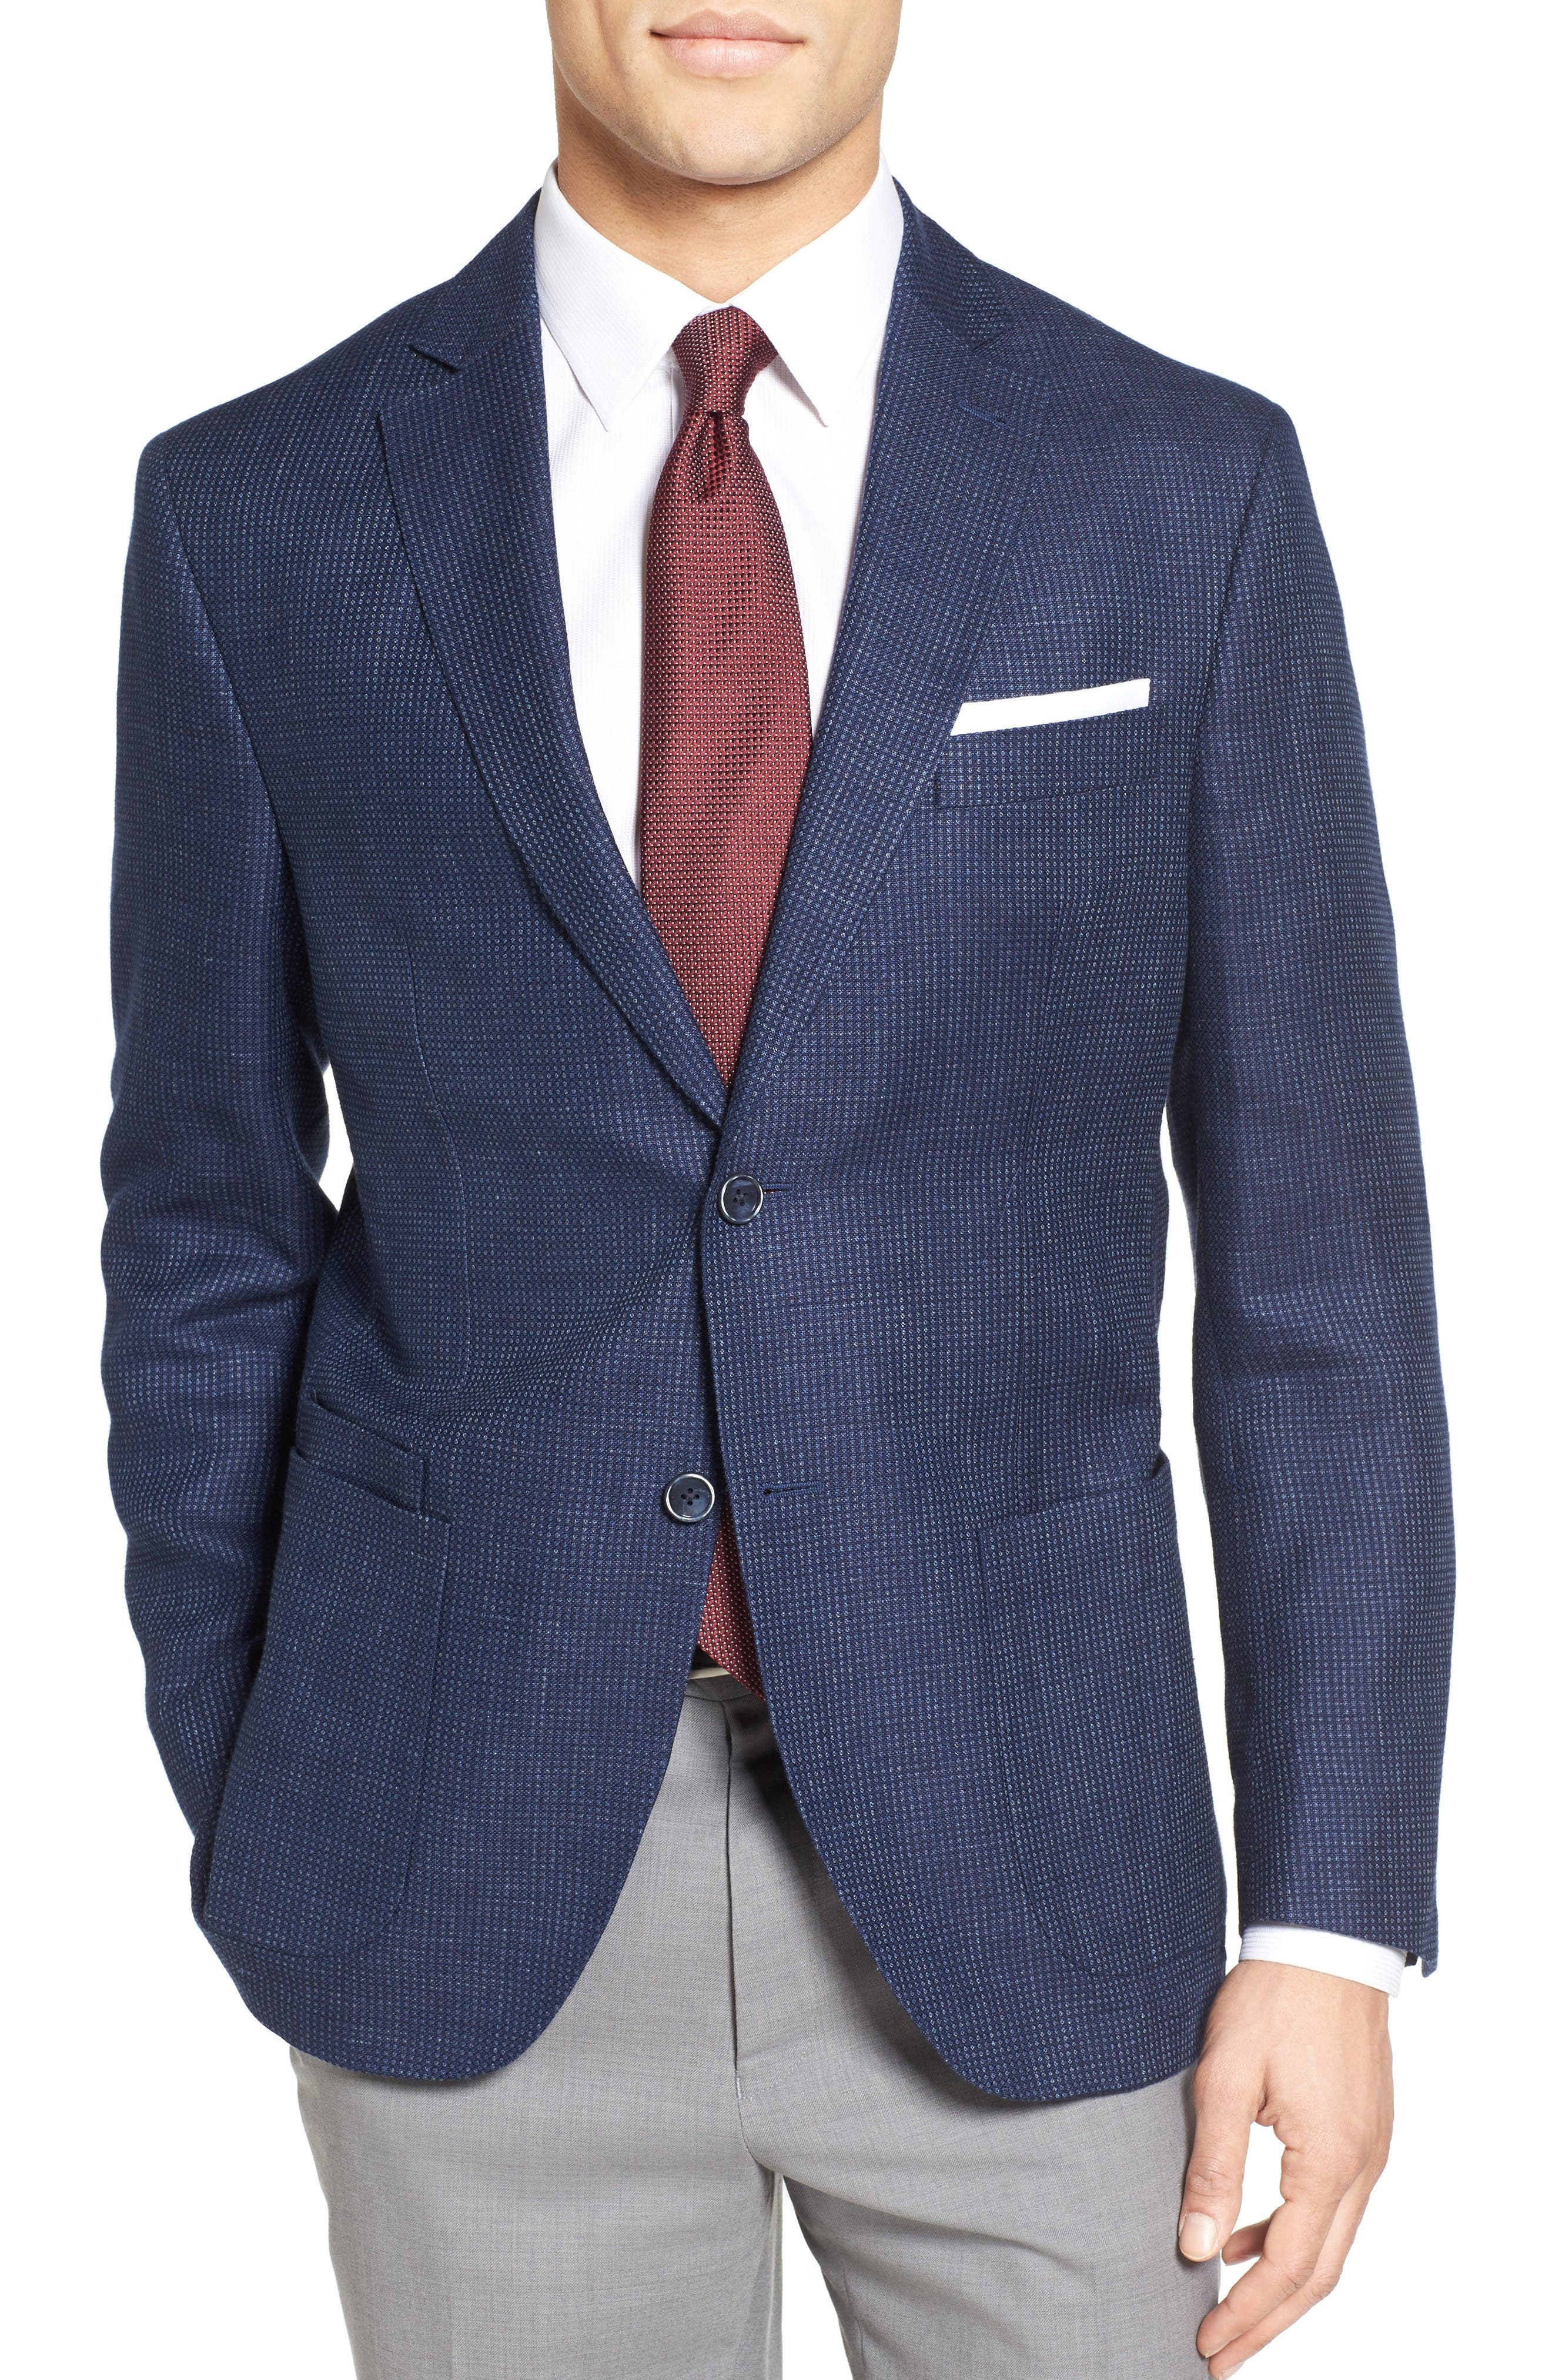 JKT NEW YORK Trim Fit Birds Eye Linen & Wool Sport Coat